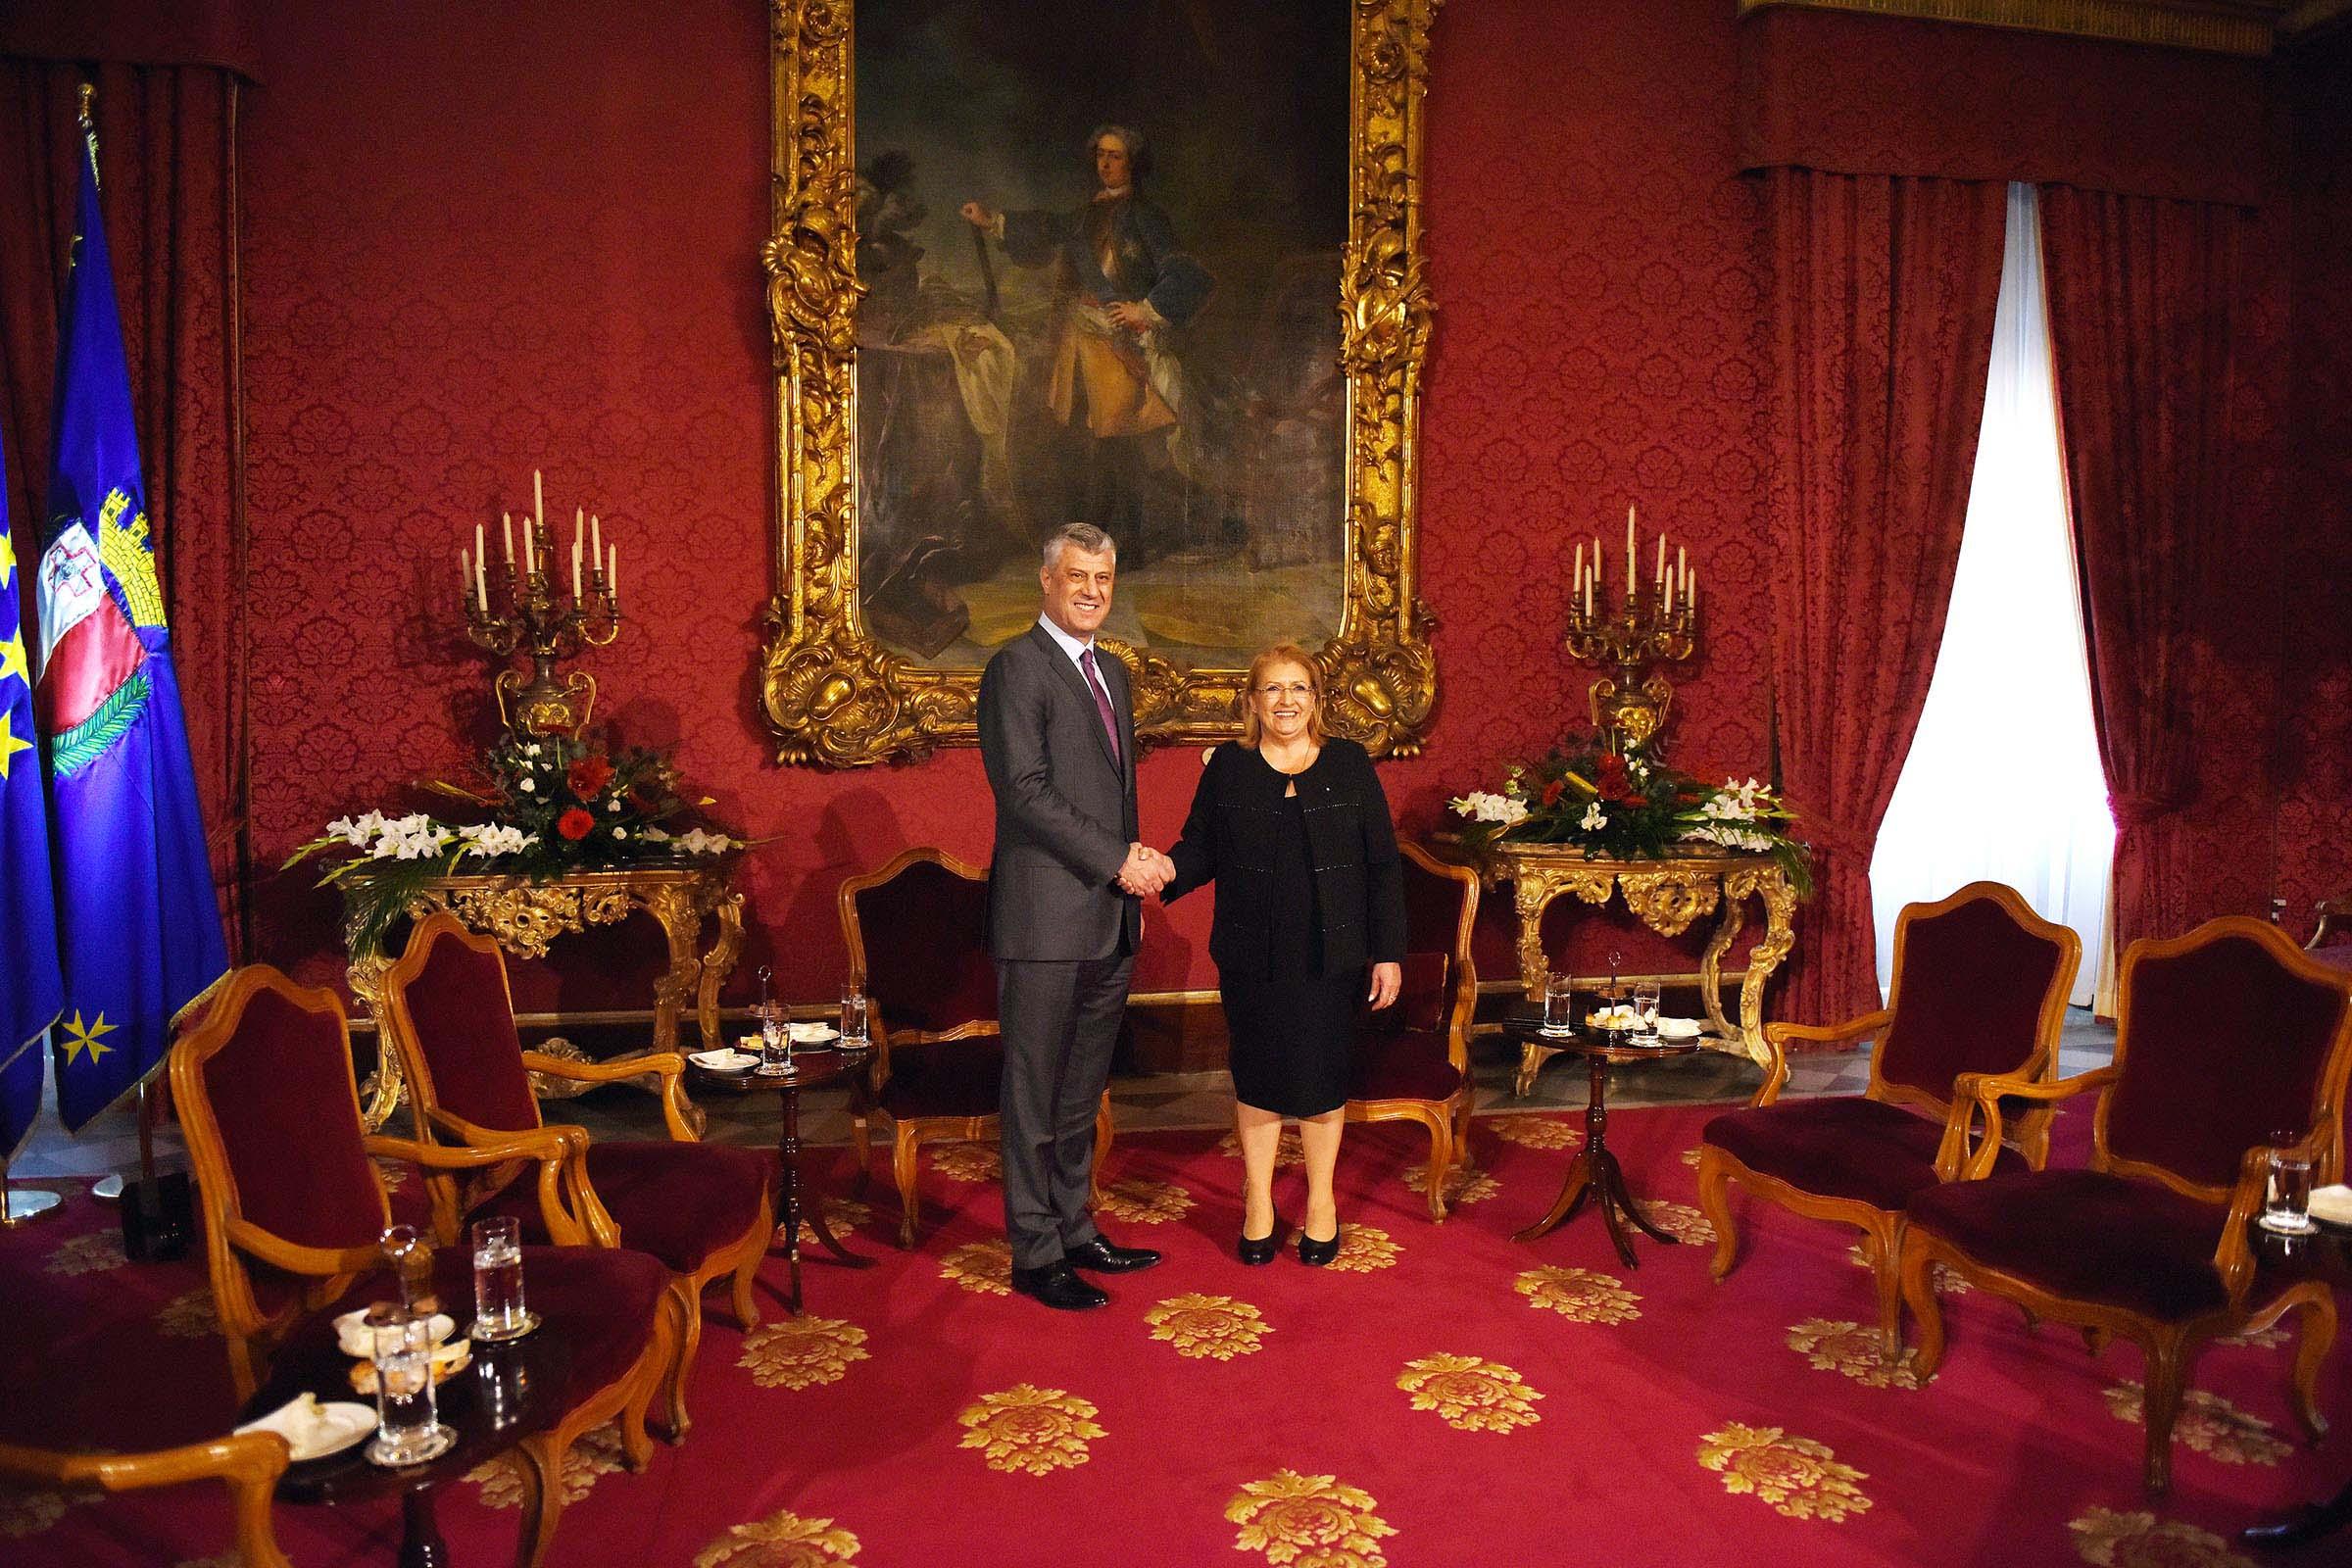 Predsednik Thaçi čestitao njegovoj malteškoj koleginici na preuzimanju predsedavanja Savetom Evropske unije